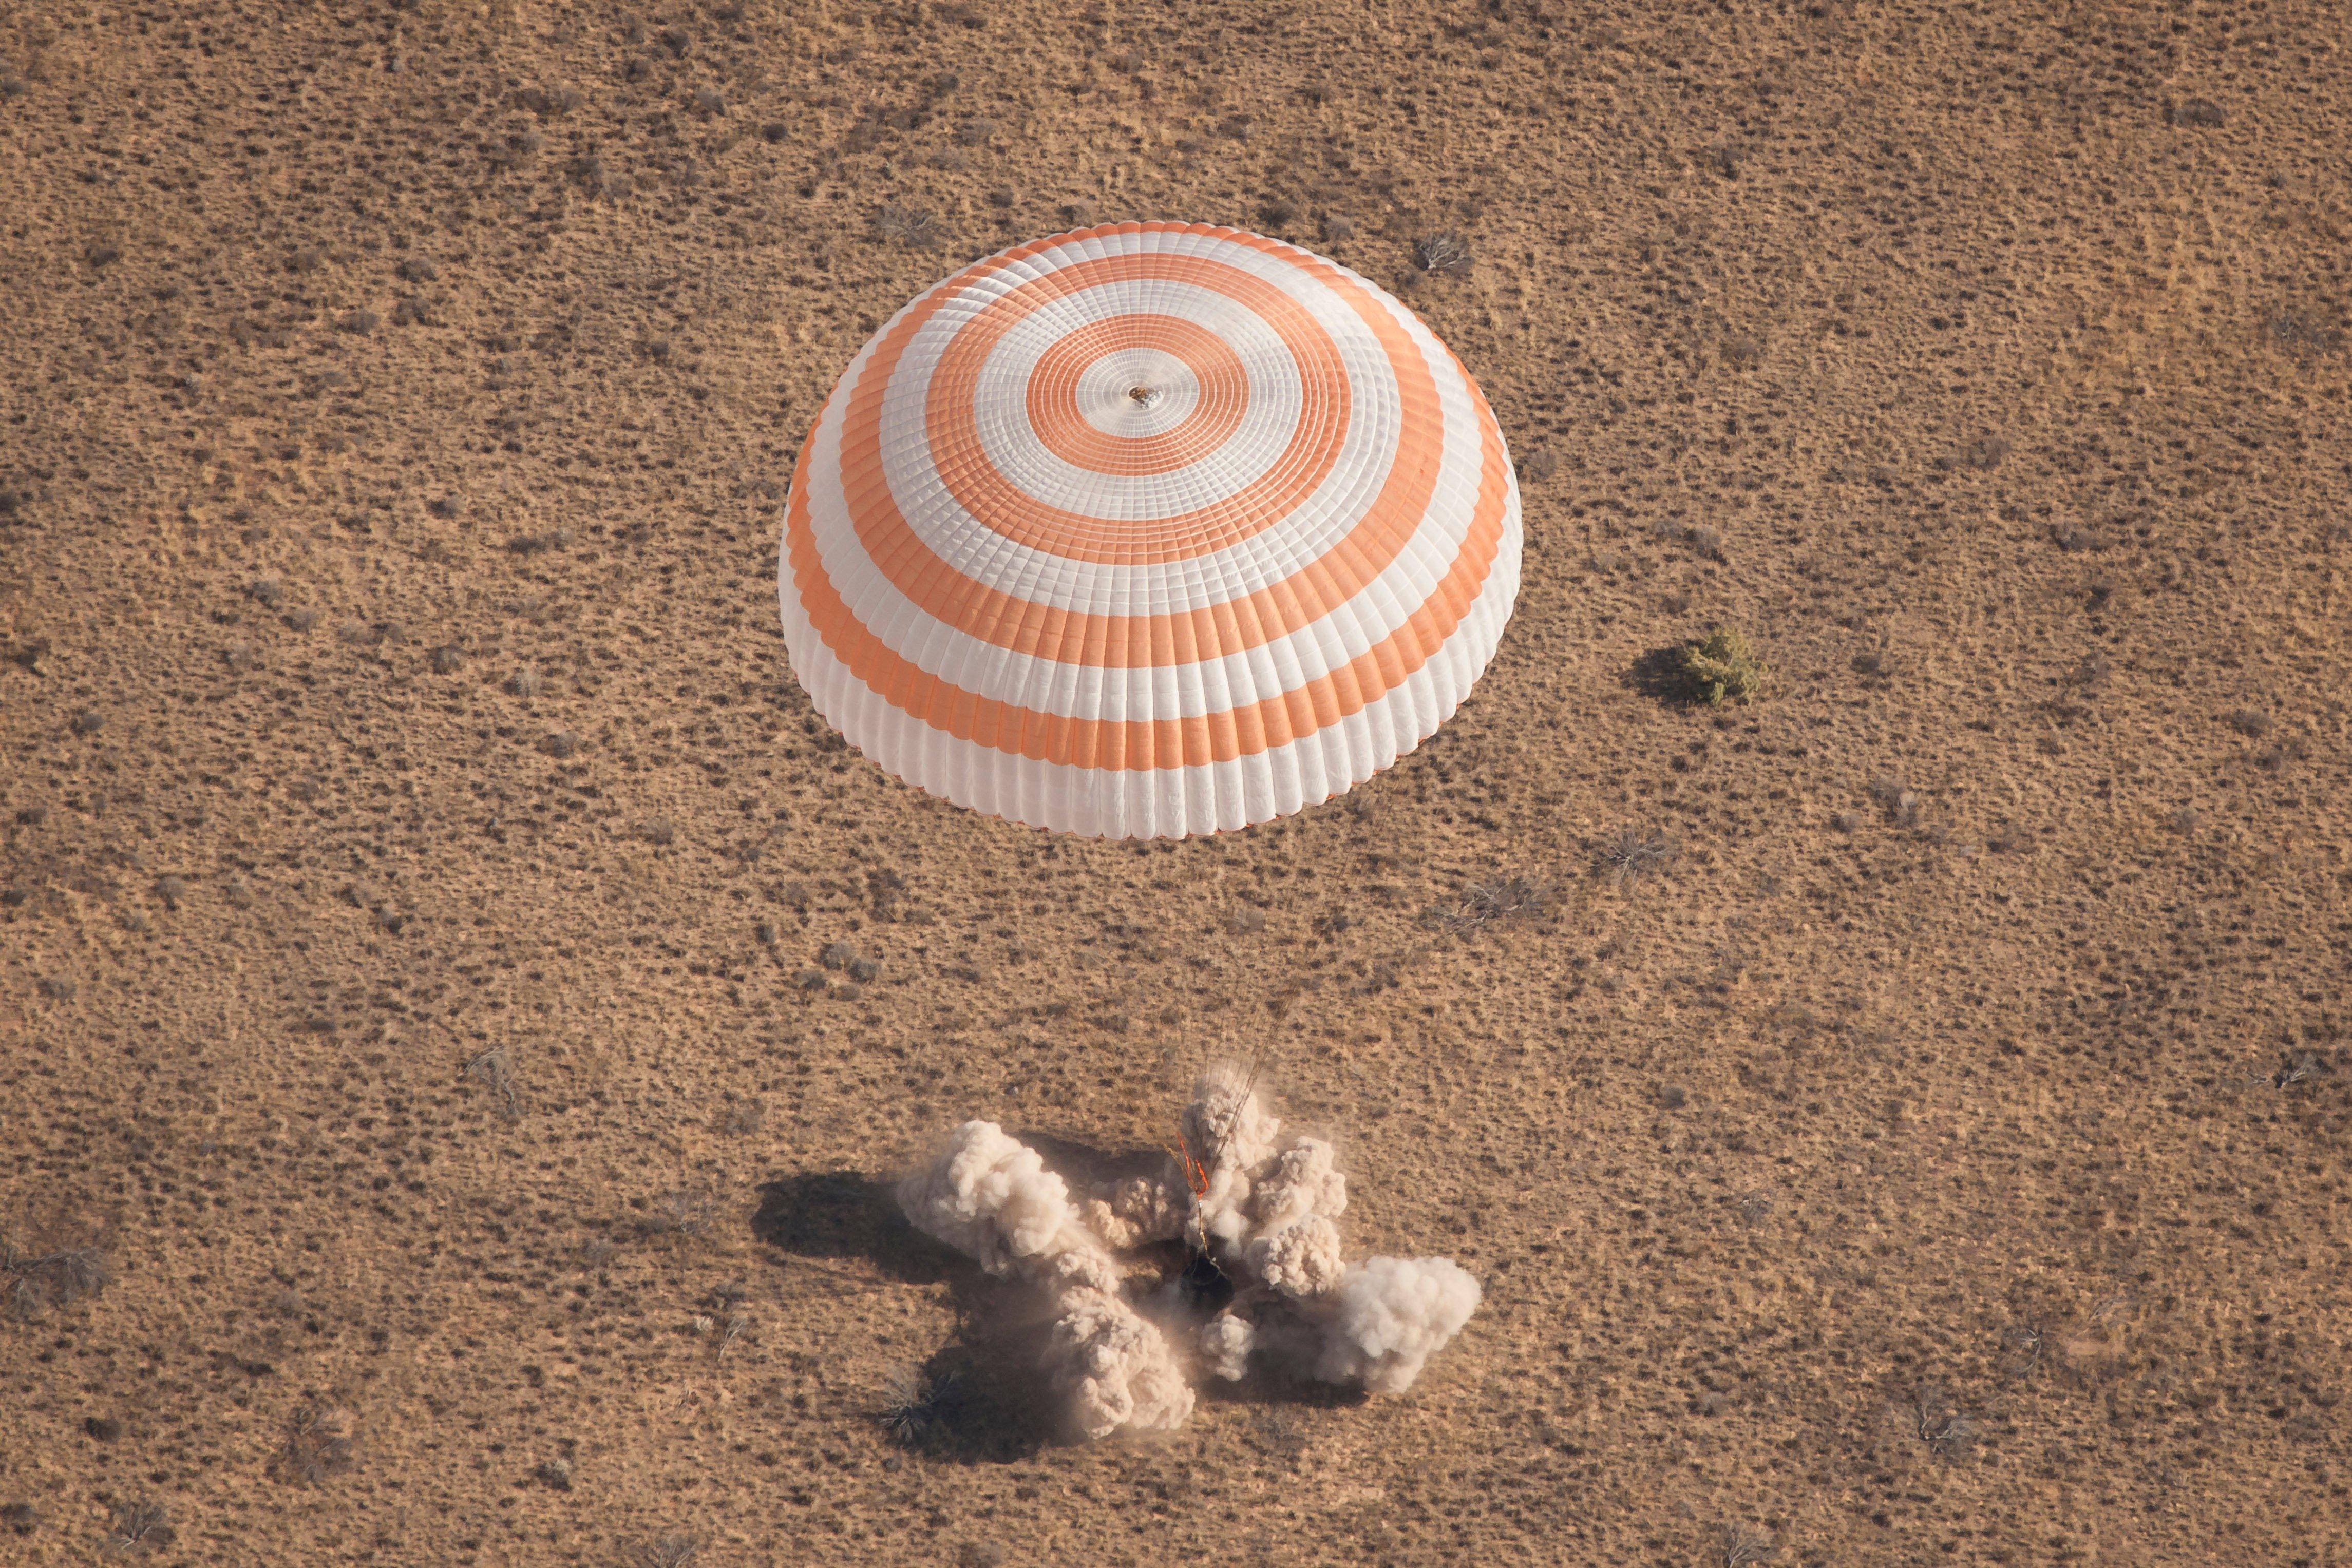 0c864370b29b7f722714_b493bceb515eadda8911_soyuz_landing__courtesy_NASA_.jpg